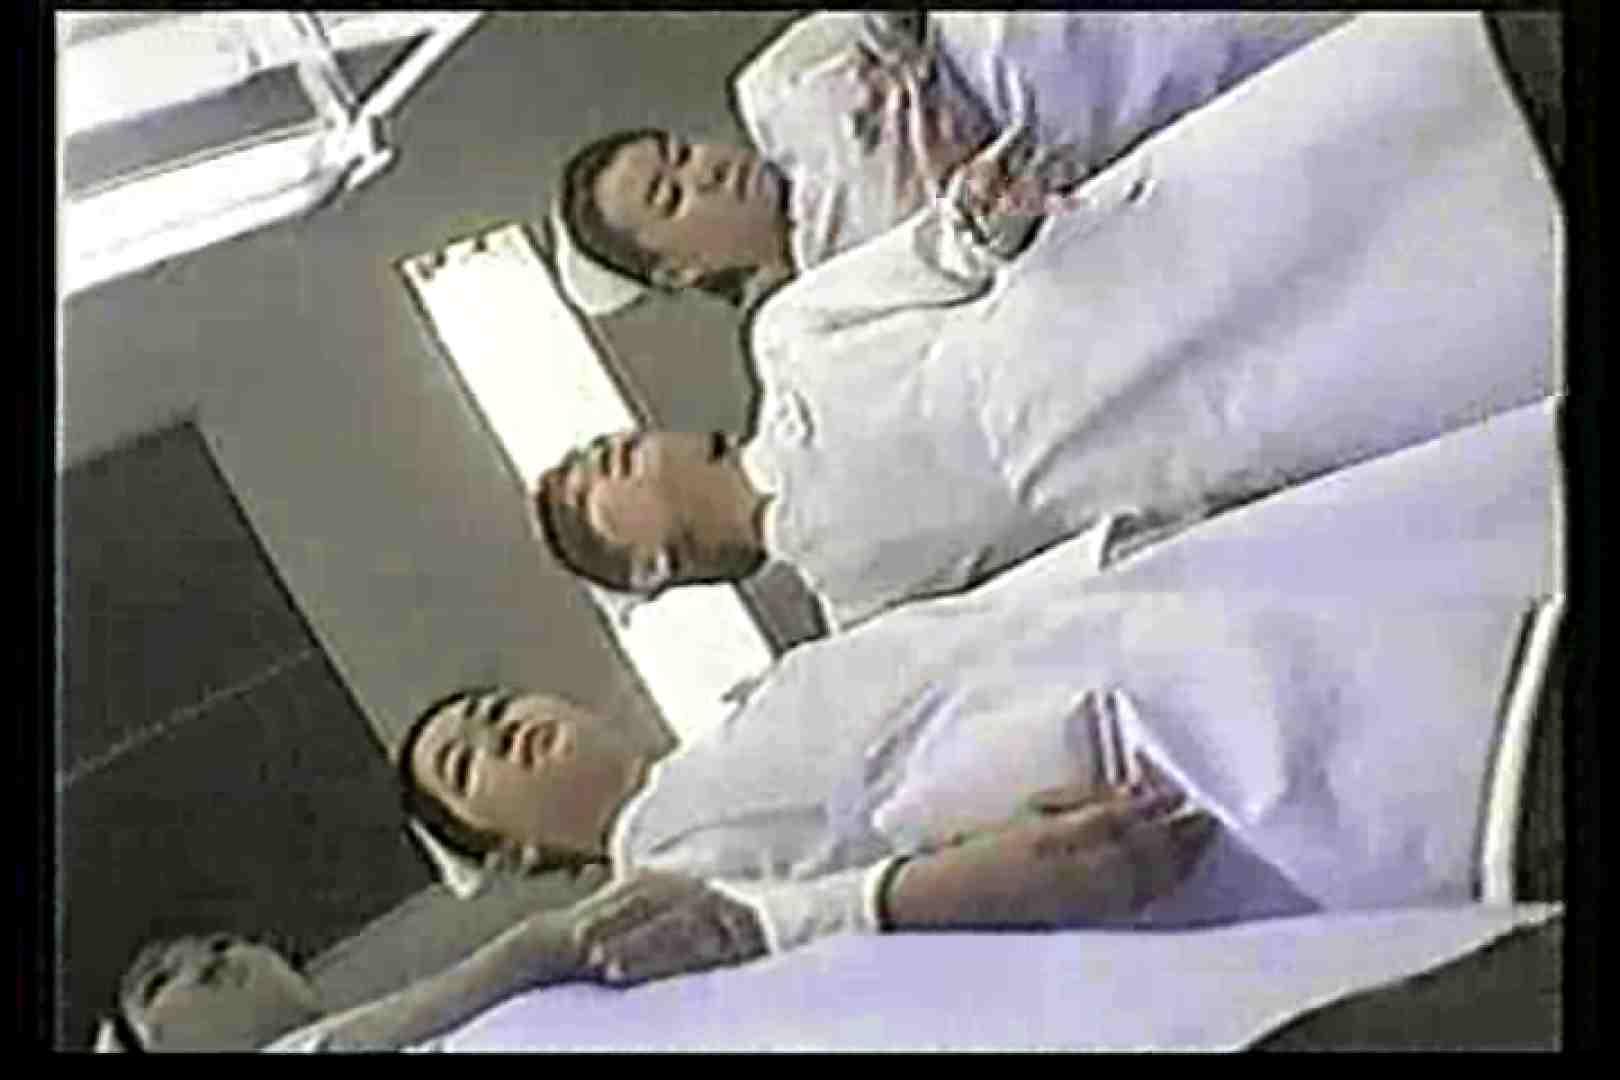 院内密着!看護婦達の下半身事情Vol.2 盗撮 AV動画キャプチャ 105PIX 86